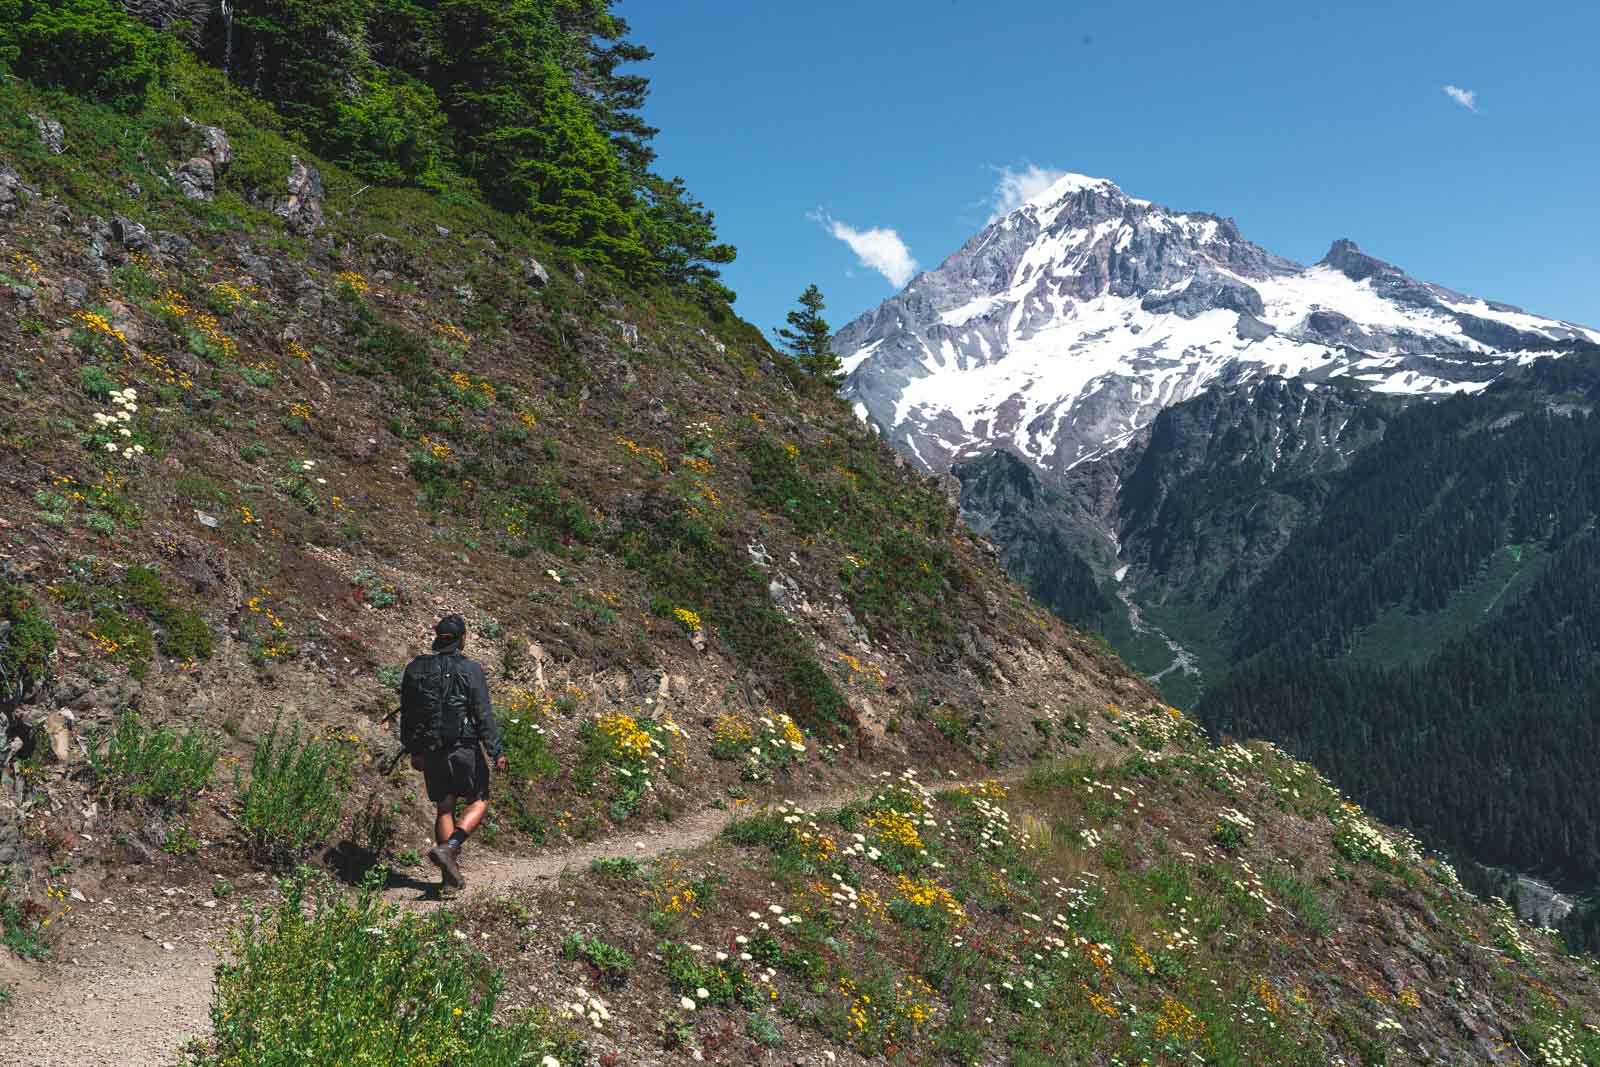 Bald Mountain Hike in Oregon